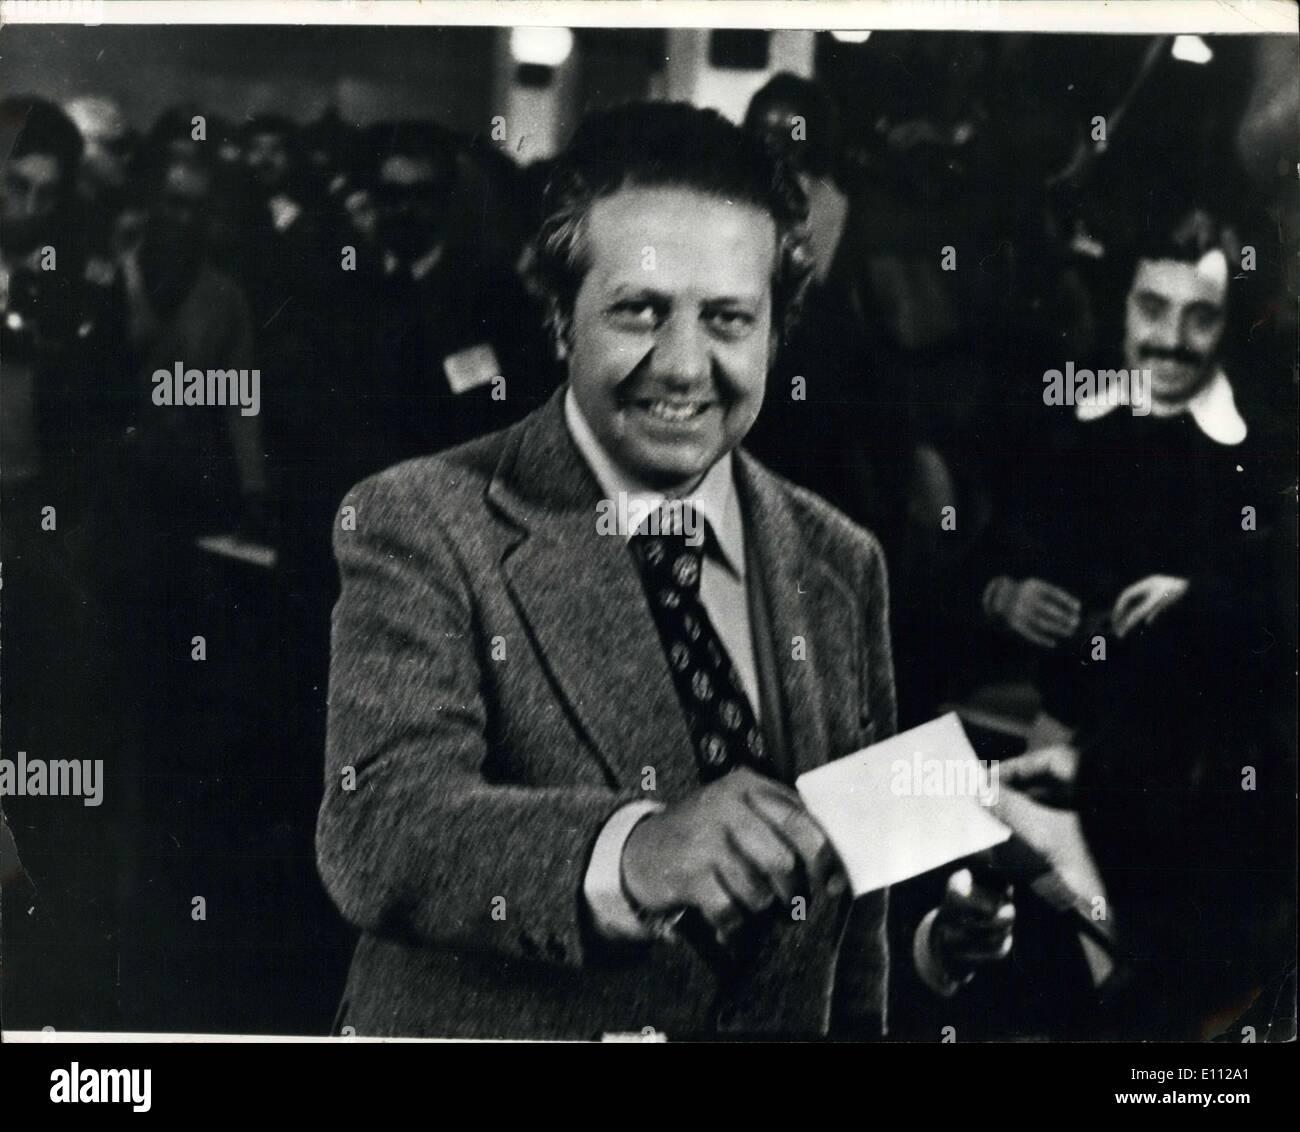 Abril 28, 1975 - Elecciones en Portugal; Socialistas obtuvo una resonante victoria en Portugal, las primeras elecciones libres en 50 años. La foto muestra el dirigente socialista Dr. Mario Soares, emitir su voto durante las elecciones del viernes. Imagen De Stock